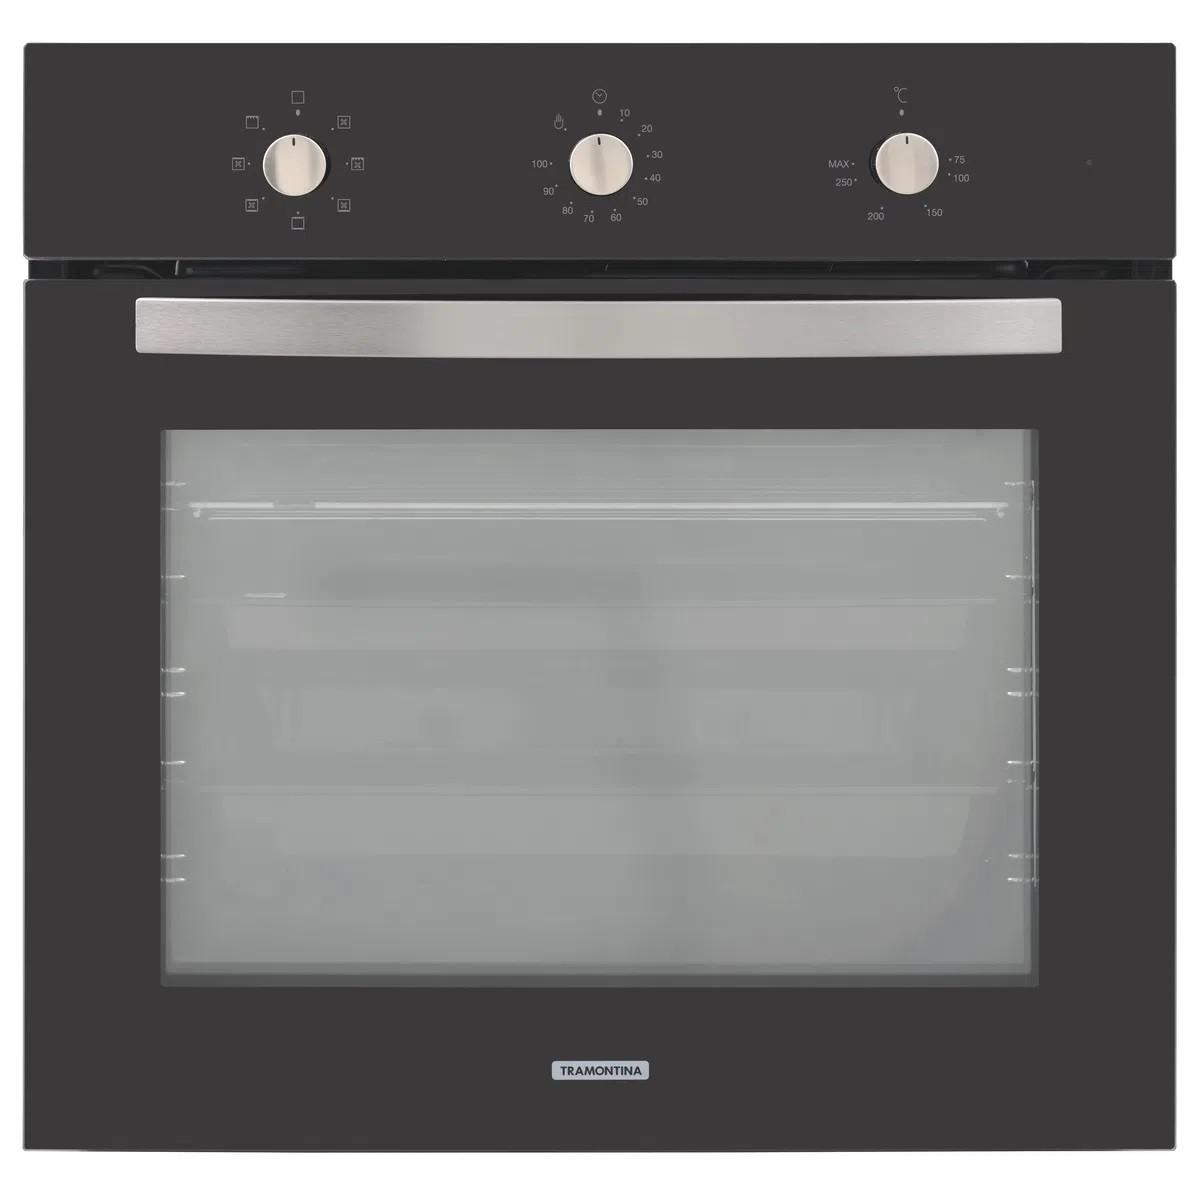 Forno Elétrico de Embutir Tramontina New Glass Cook em Vidro Temperado Preto 7 Funções 71 L  Tramontina 94867220